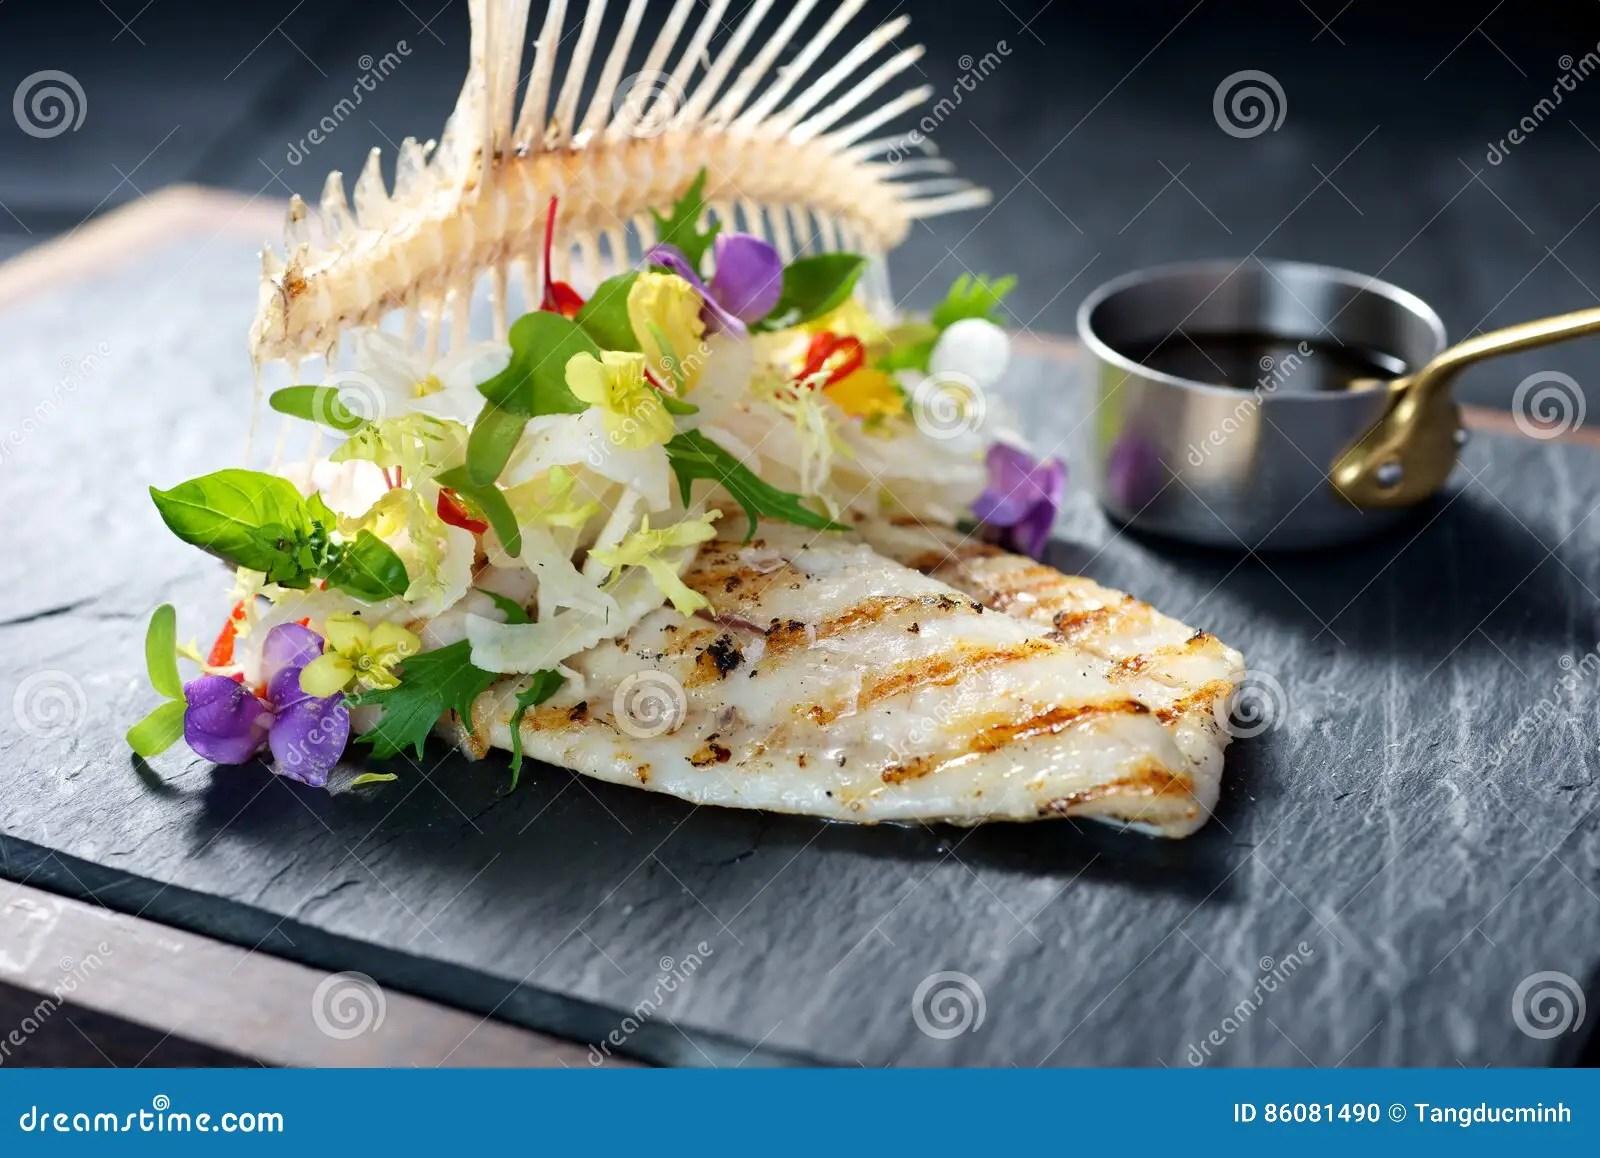 Fish Restaurant 6 October